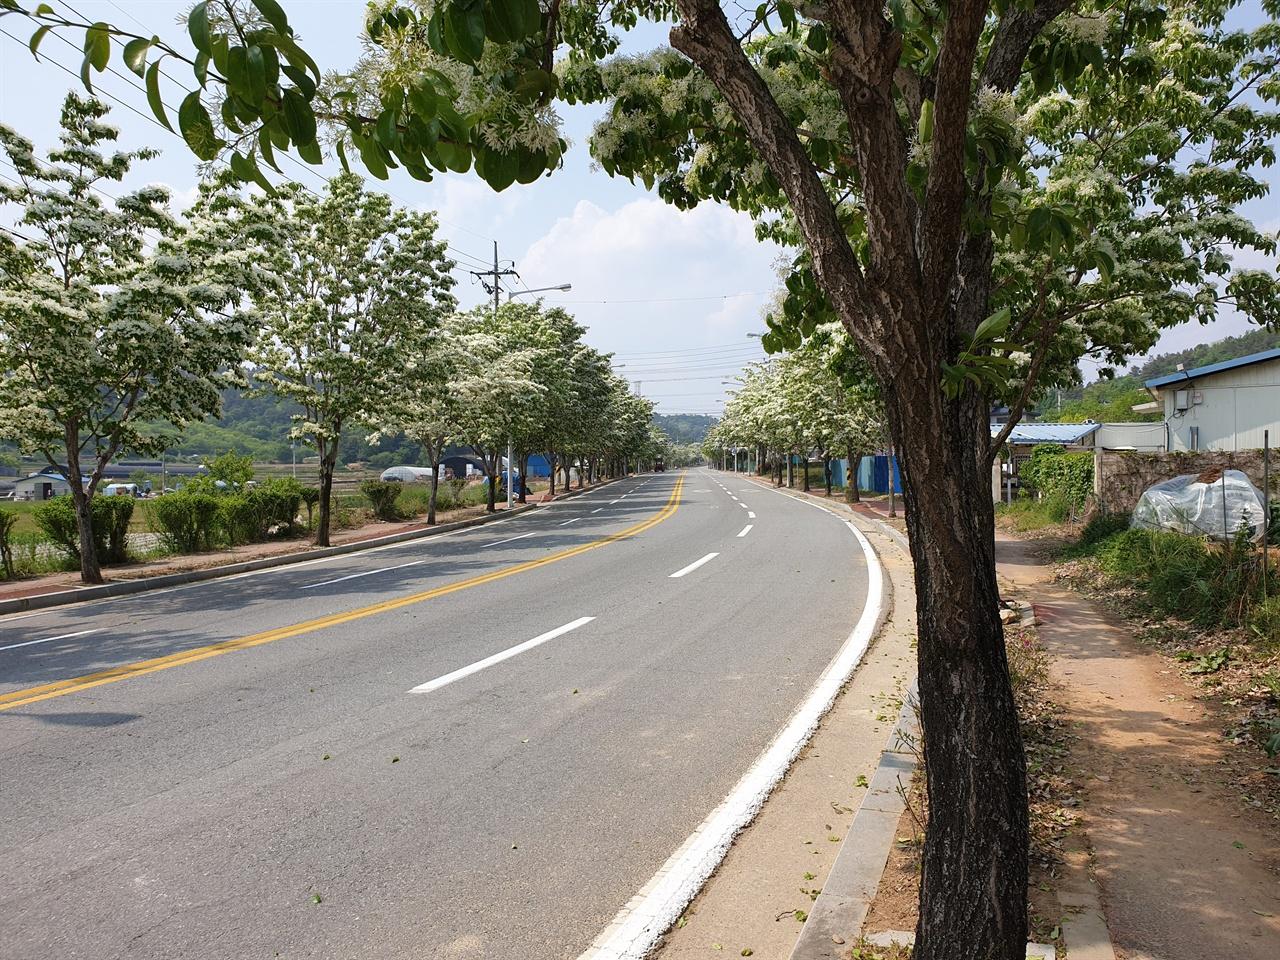 국립 5.18 민주묘지 진입로를 따라서 심어진 이팝나무